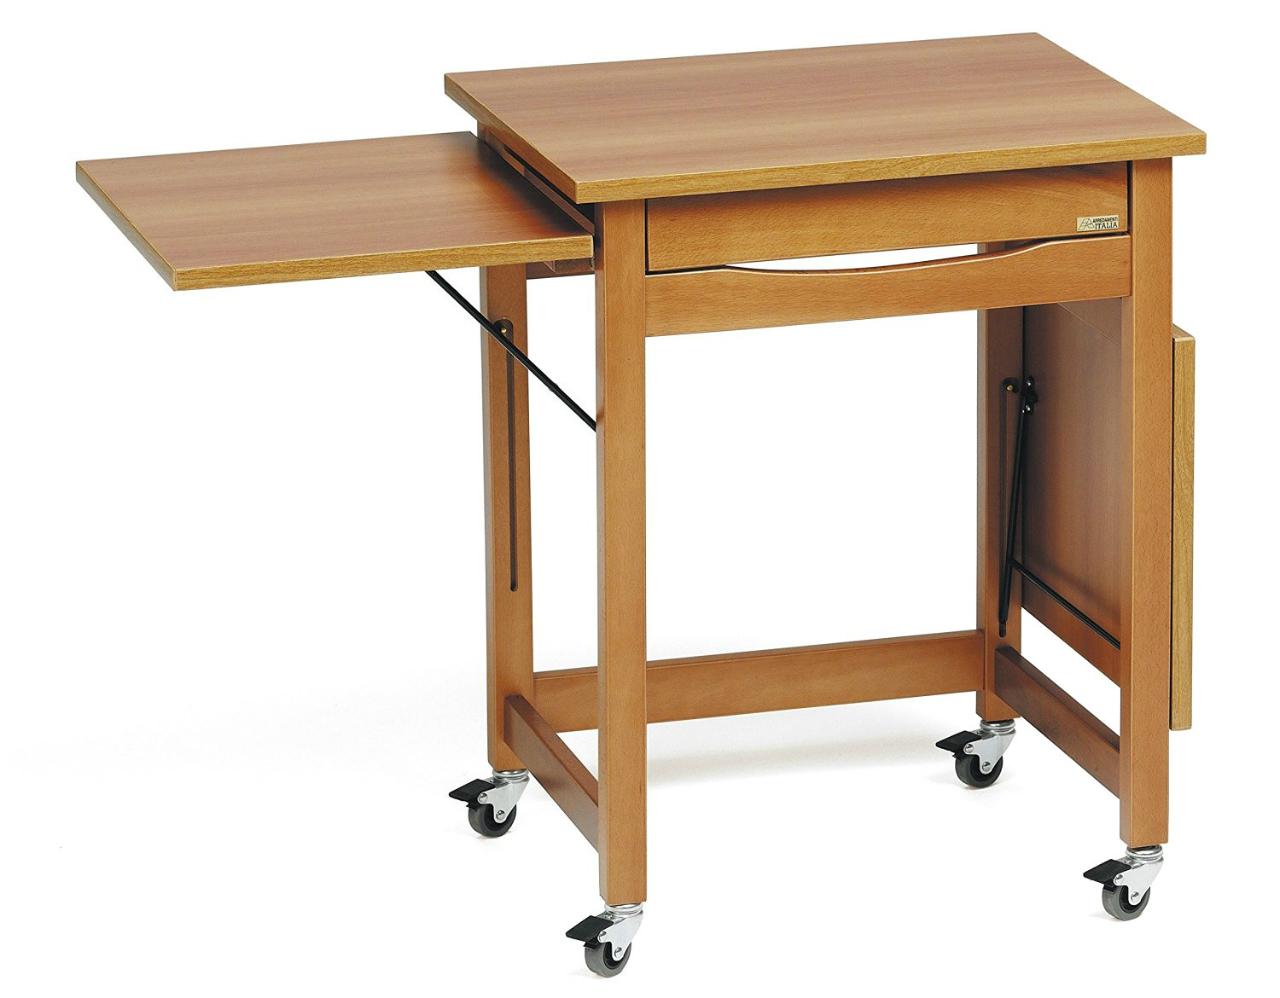 Компьютерный стол lionello вишня - купить по цене 38 631 руб.